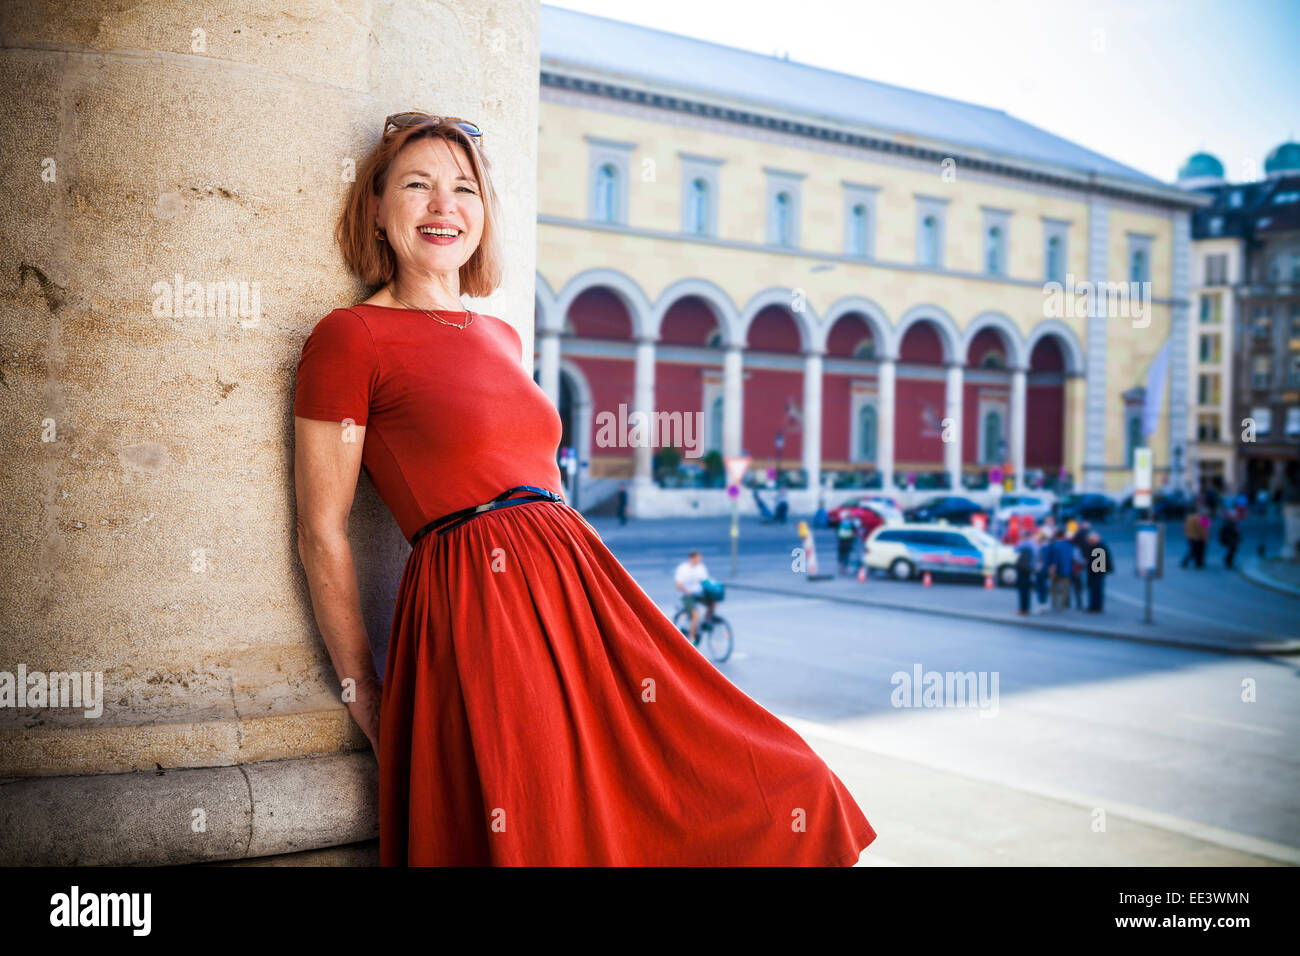 Ältere Frau lehnt sich an Säule lächelt glücklich, München, Bayern, Deutschland Stockbild